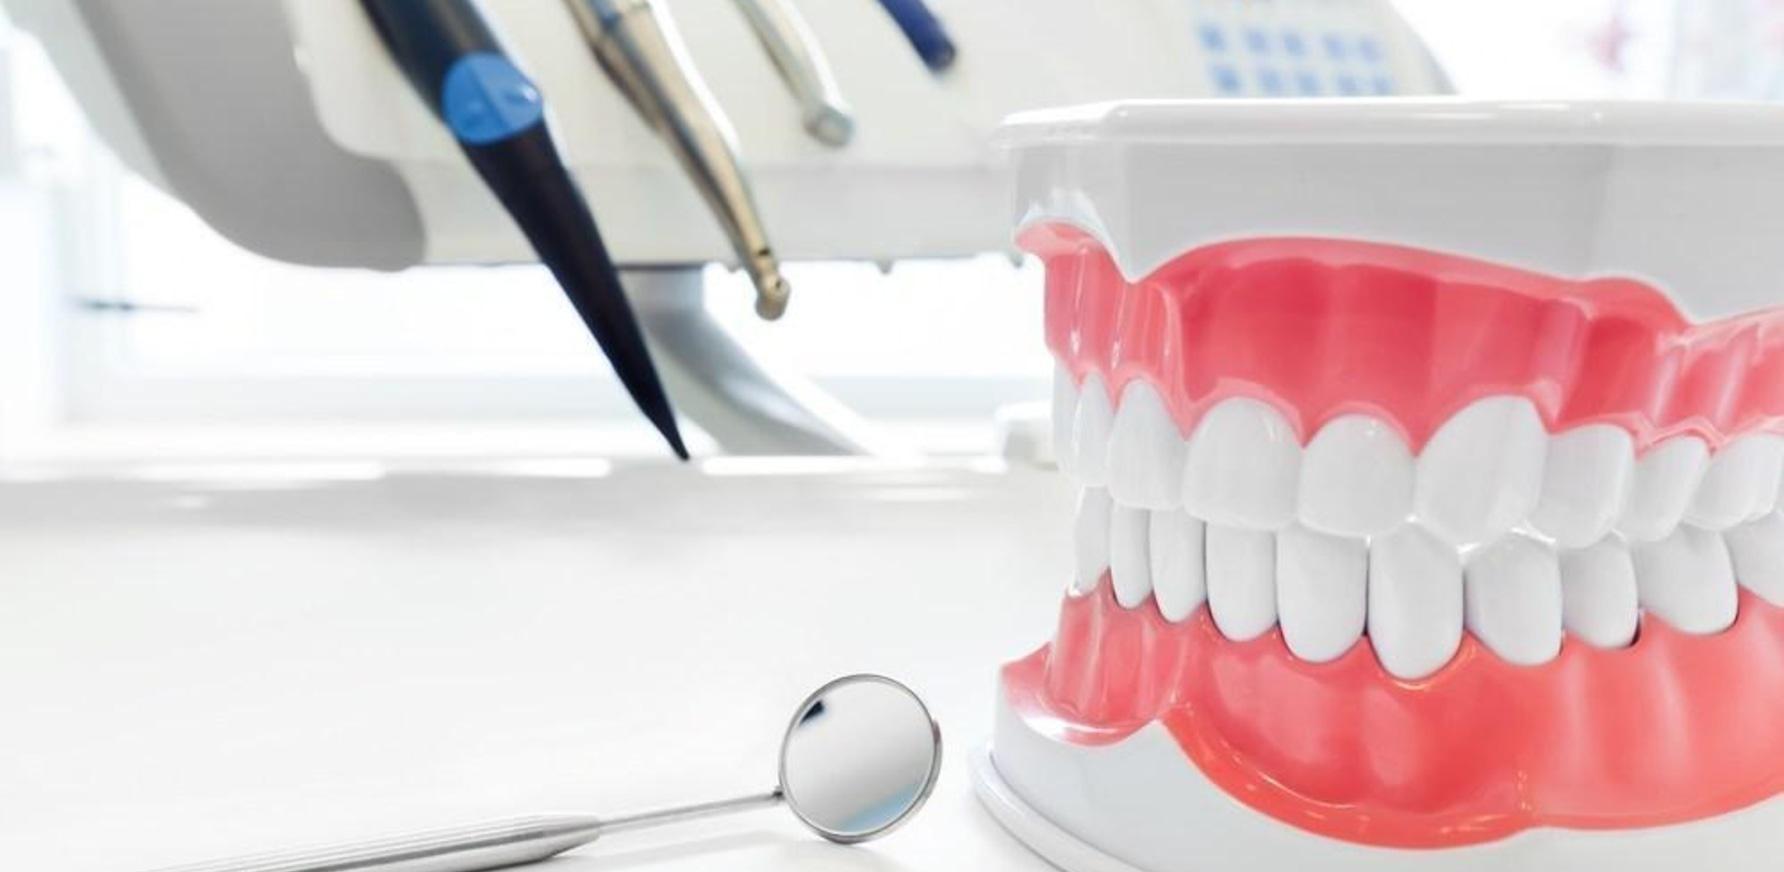 Протезирование или имплантация зубов: что выбрать